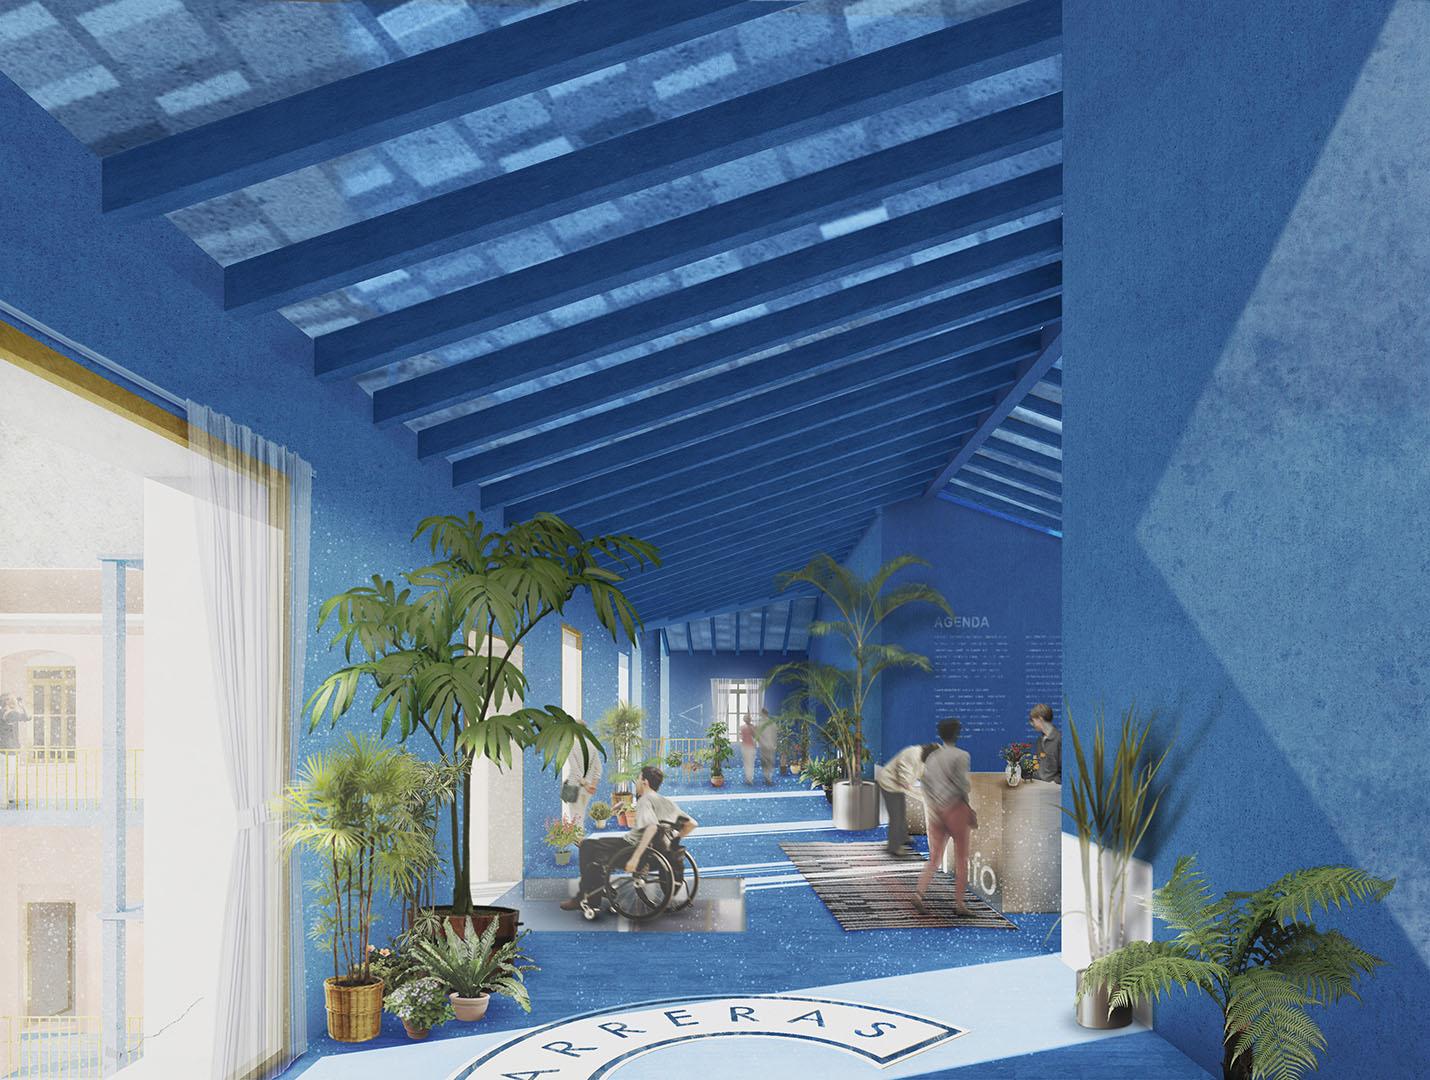 PLAYstudio_Cigarreras_Alicante_ 03 Interior 2